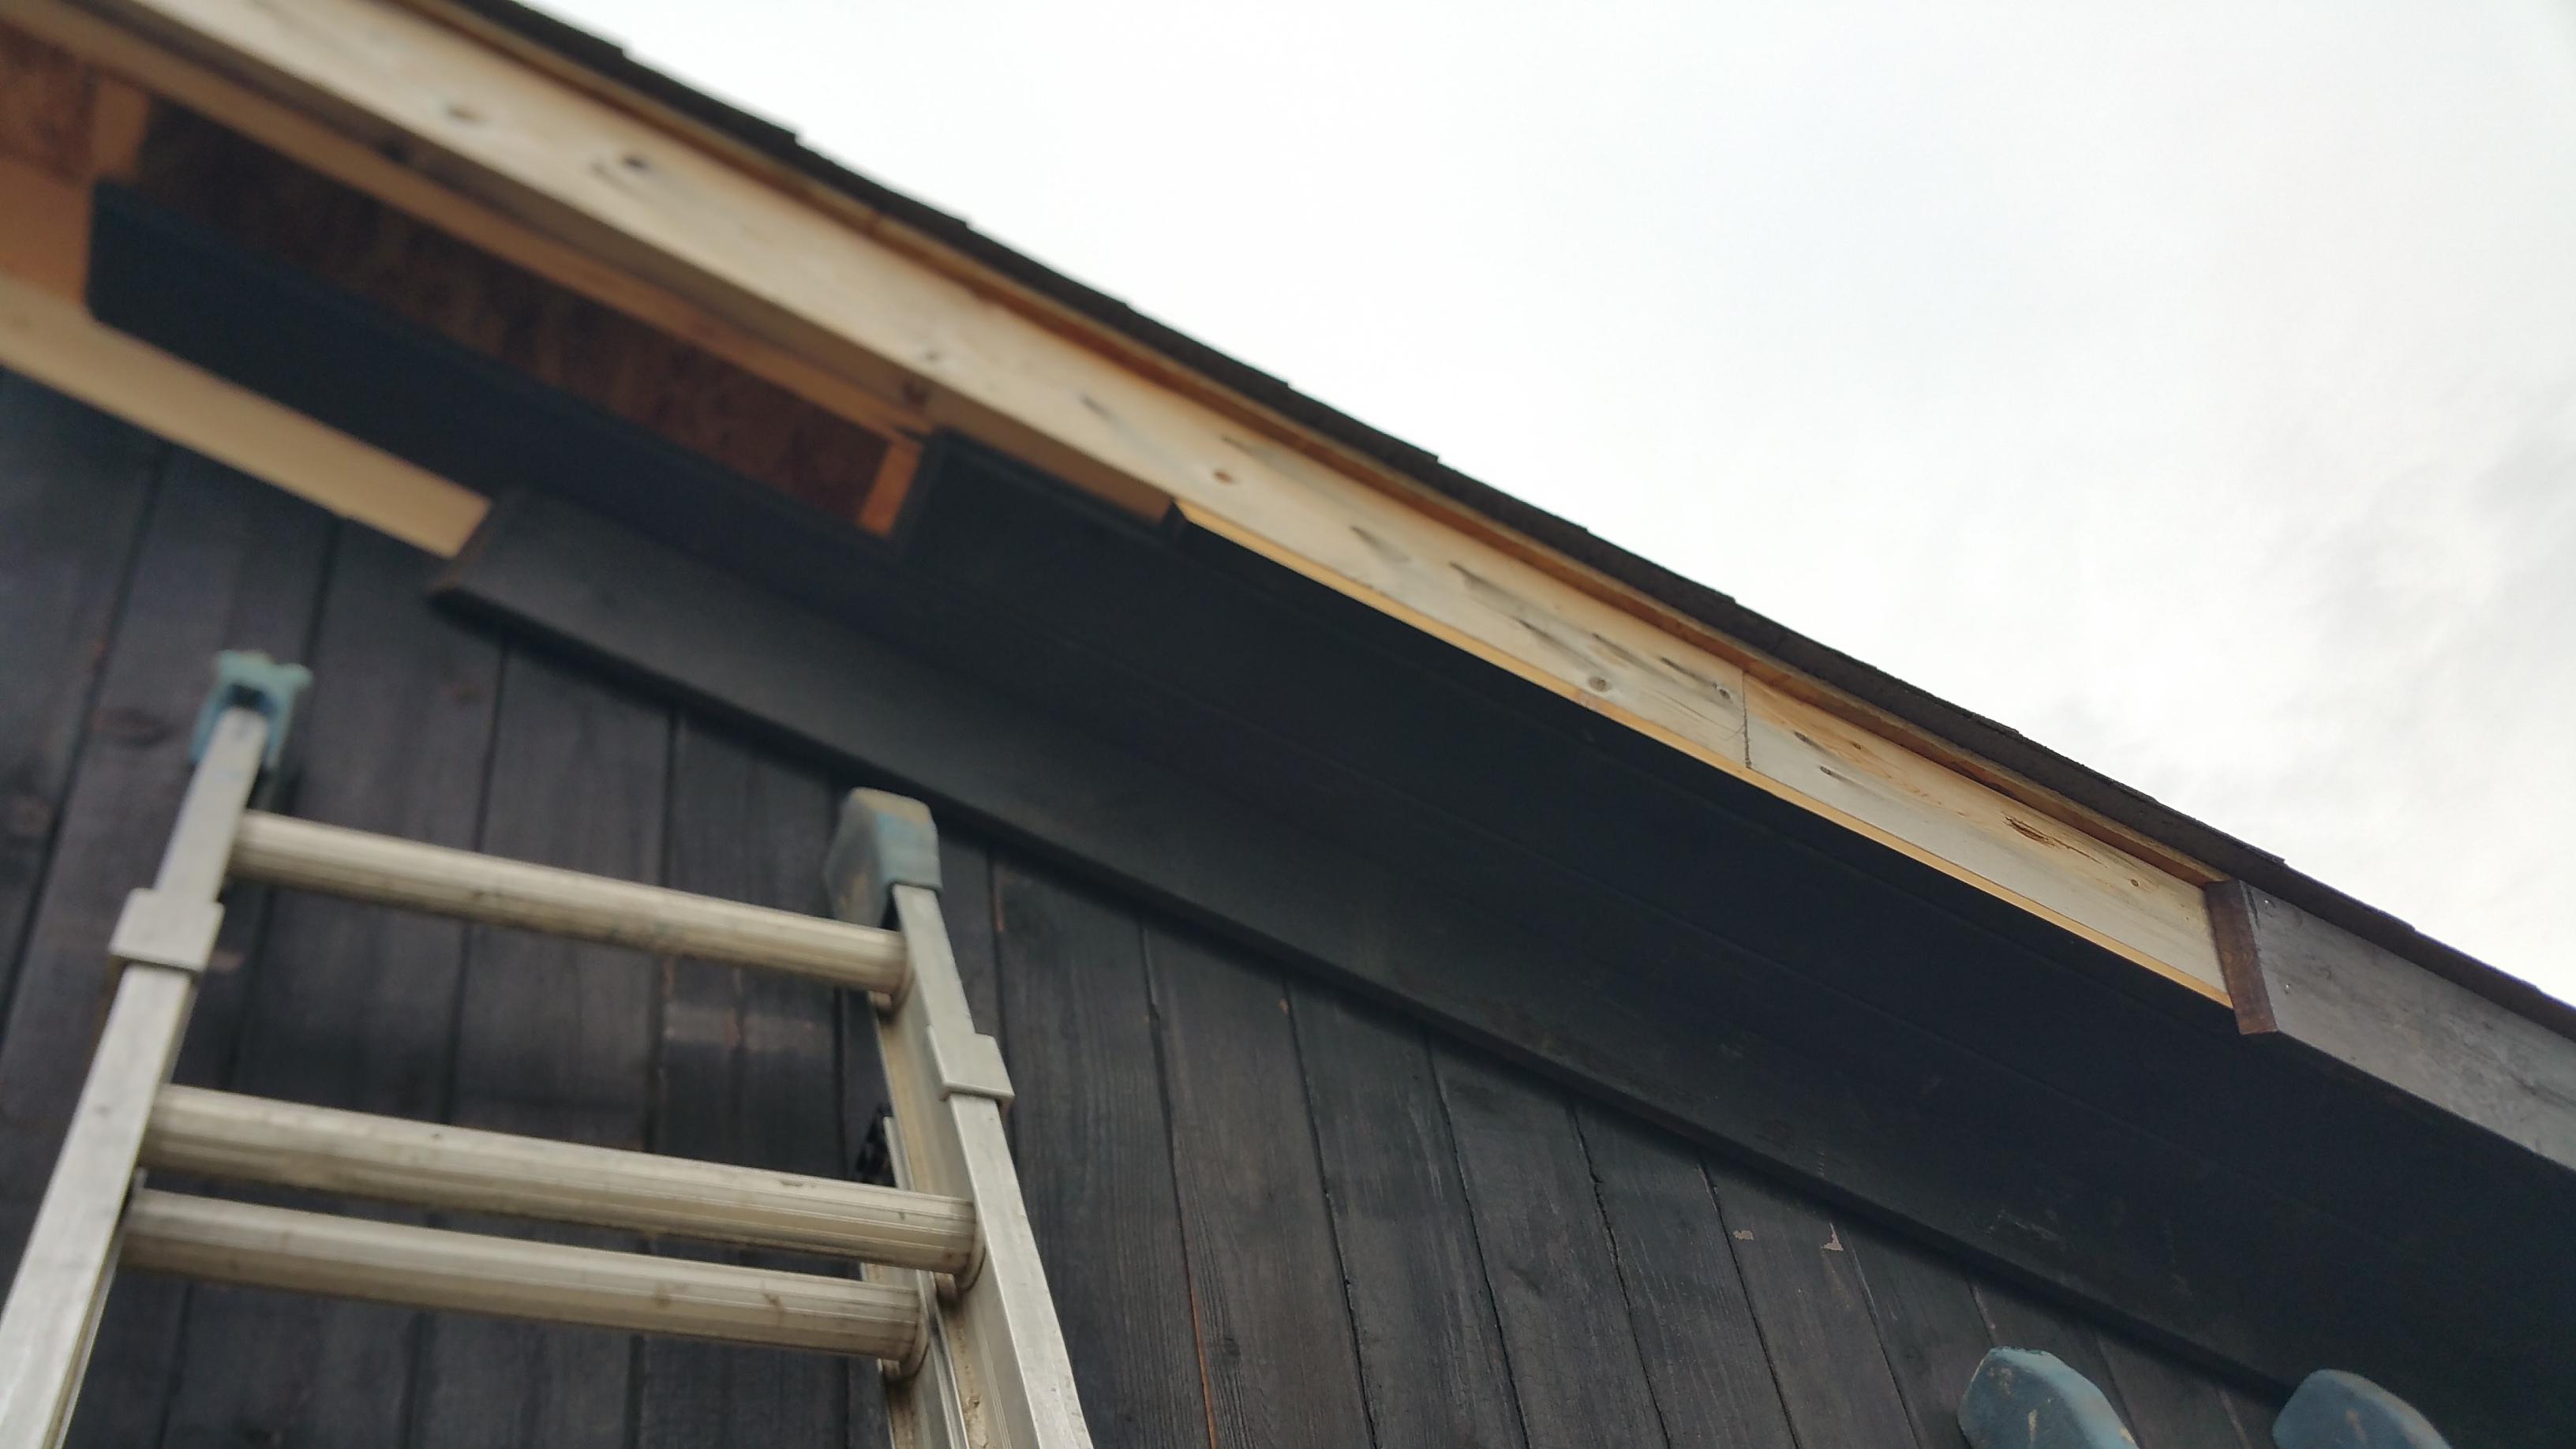 sd soffit w: frieze for vent gap